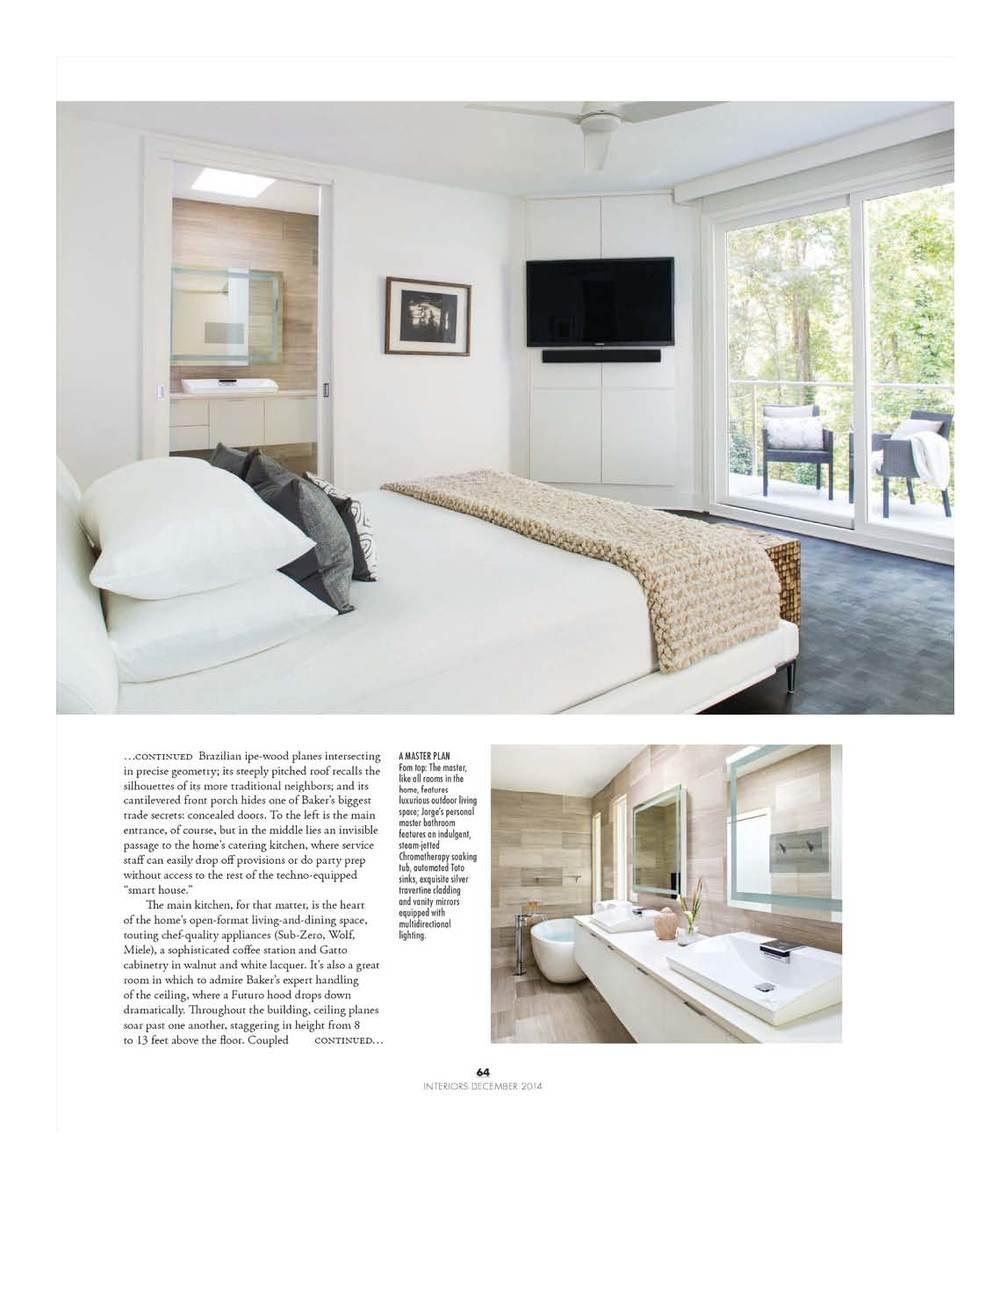 The-Atlantan _ Modern Luxury-Jeffrey-Bruce-Baker07.jpg